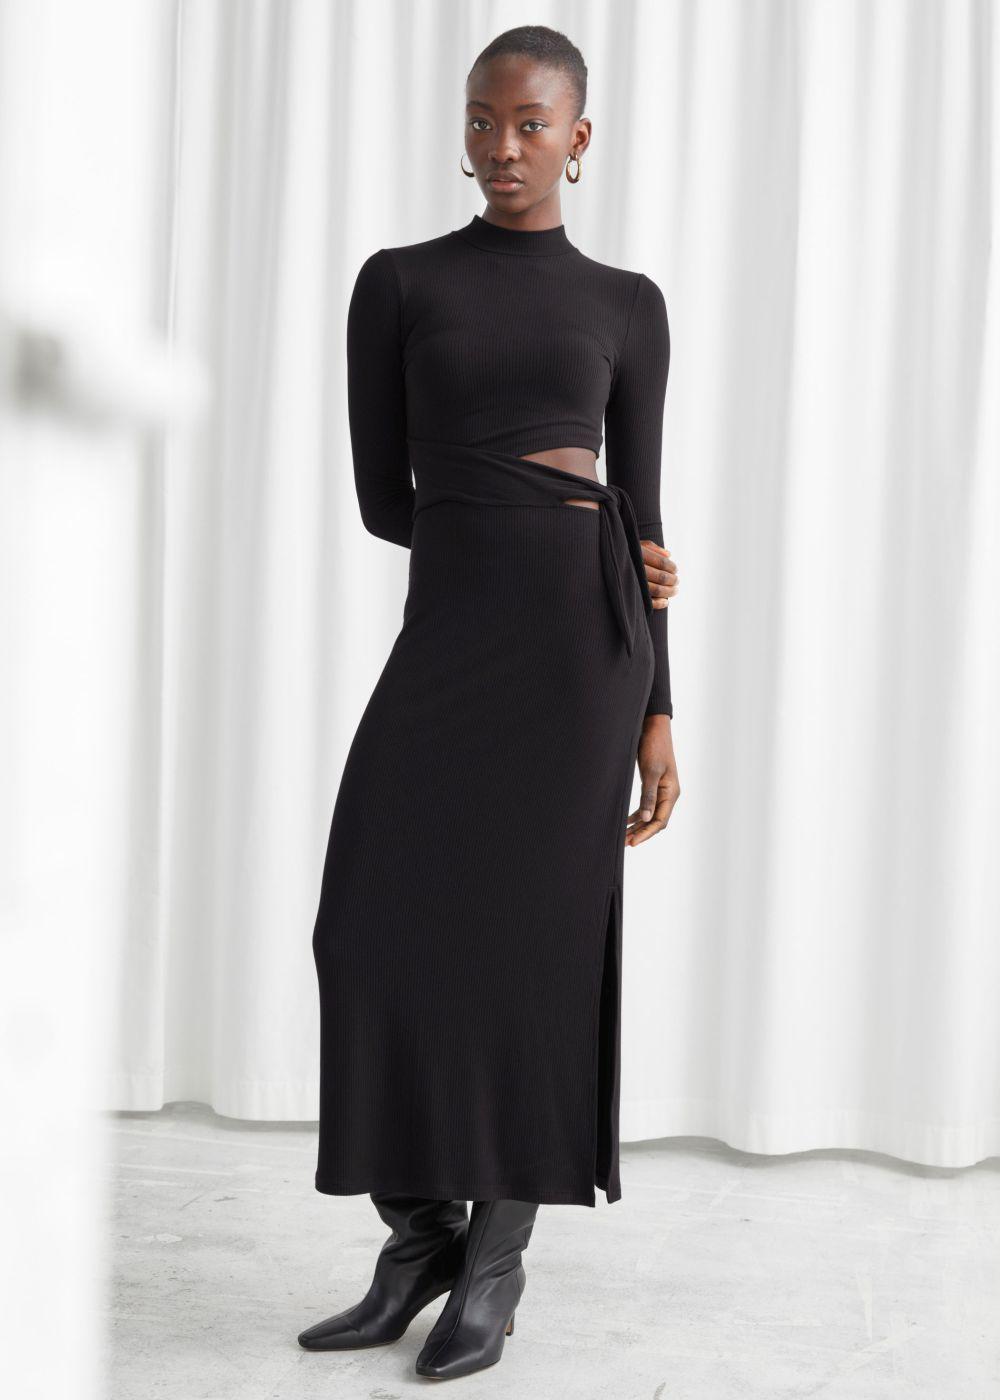 Vestido negro de &Other Stories.